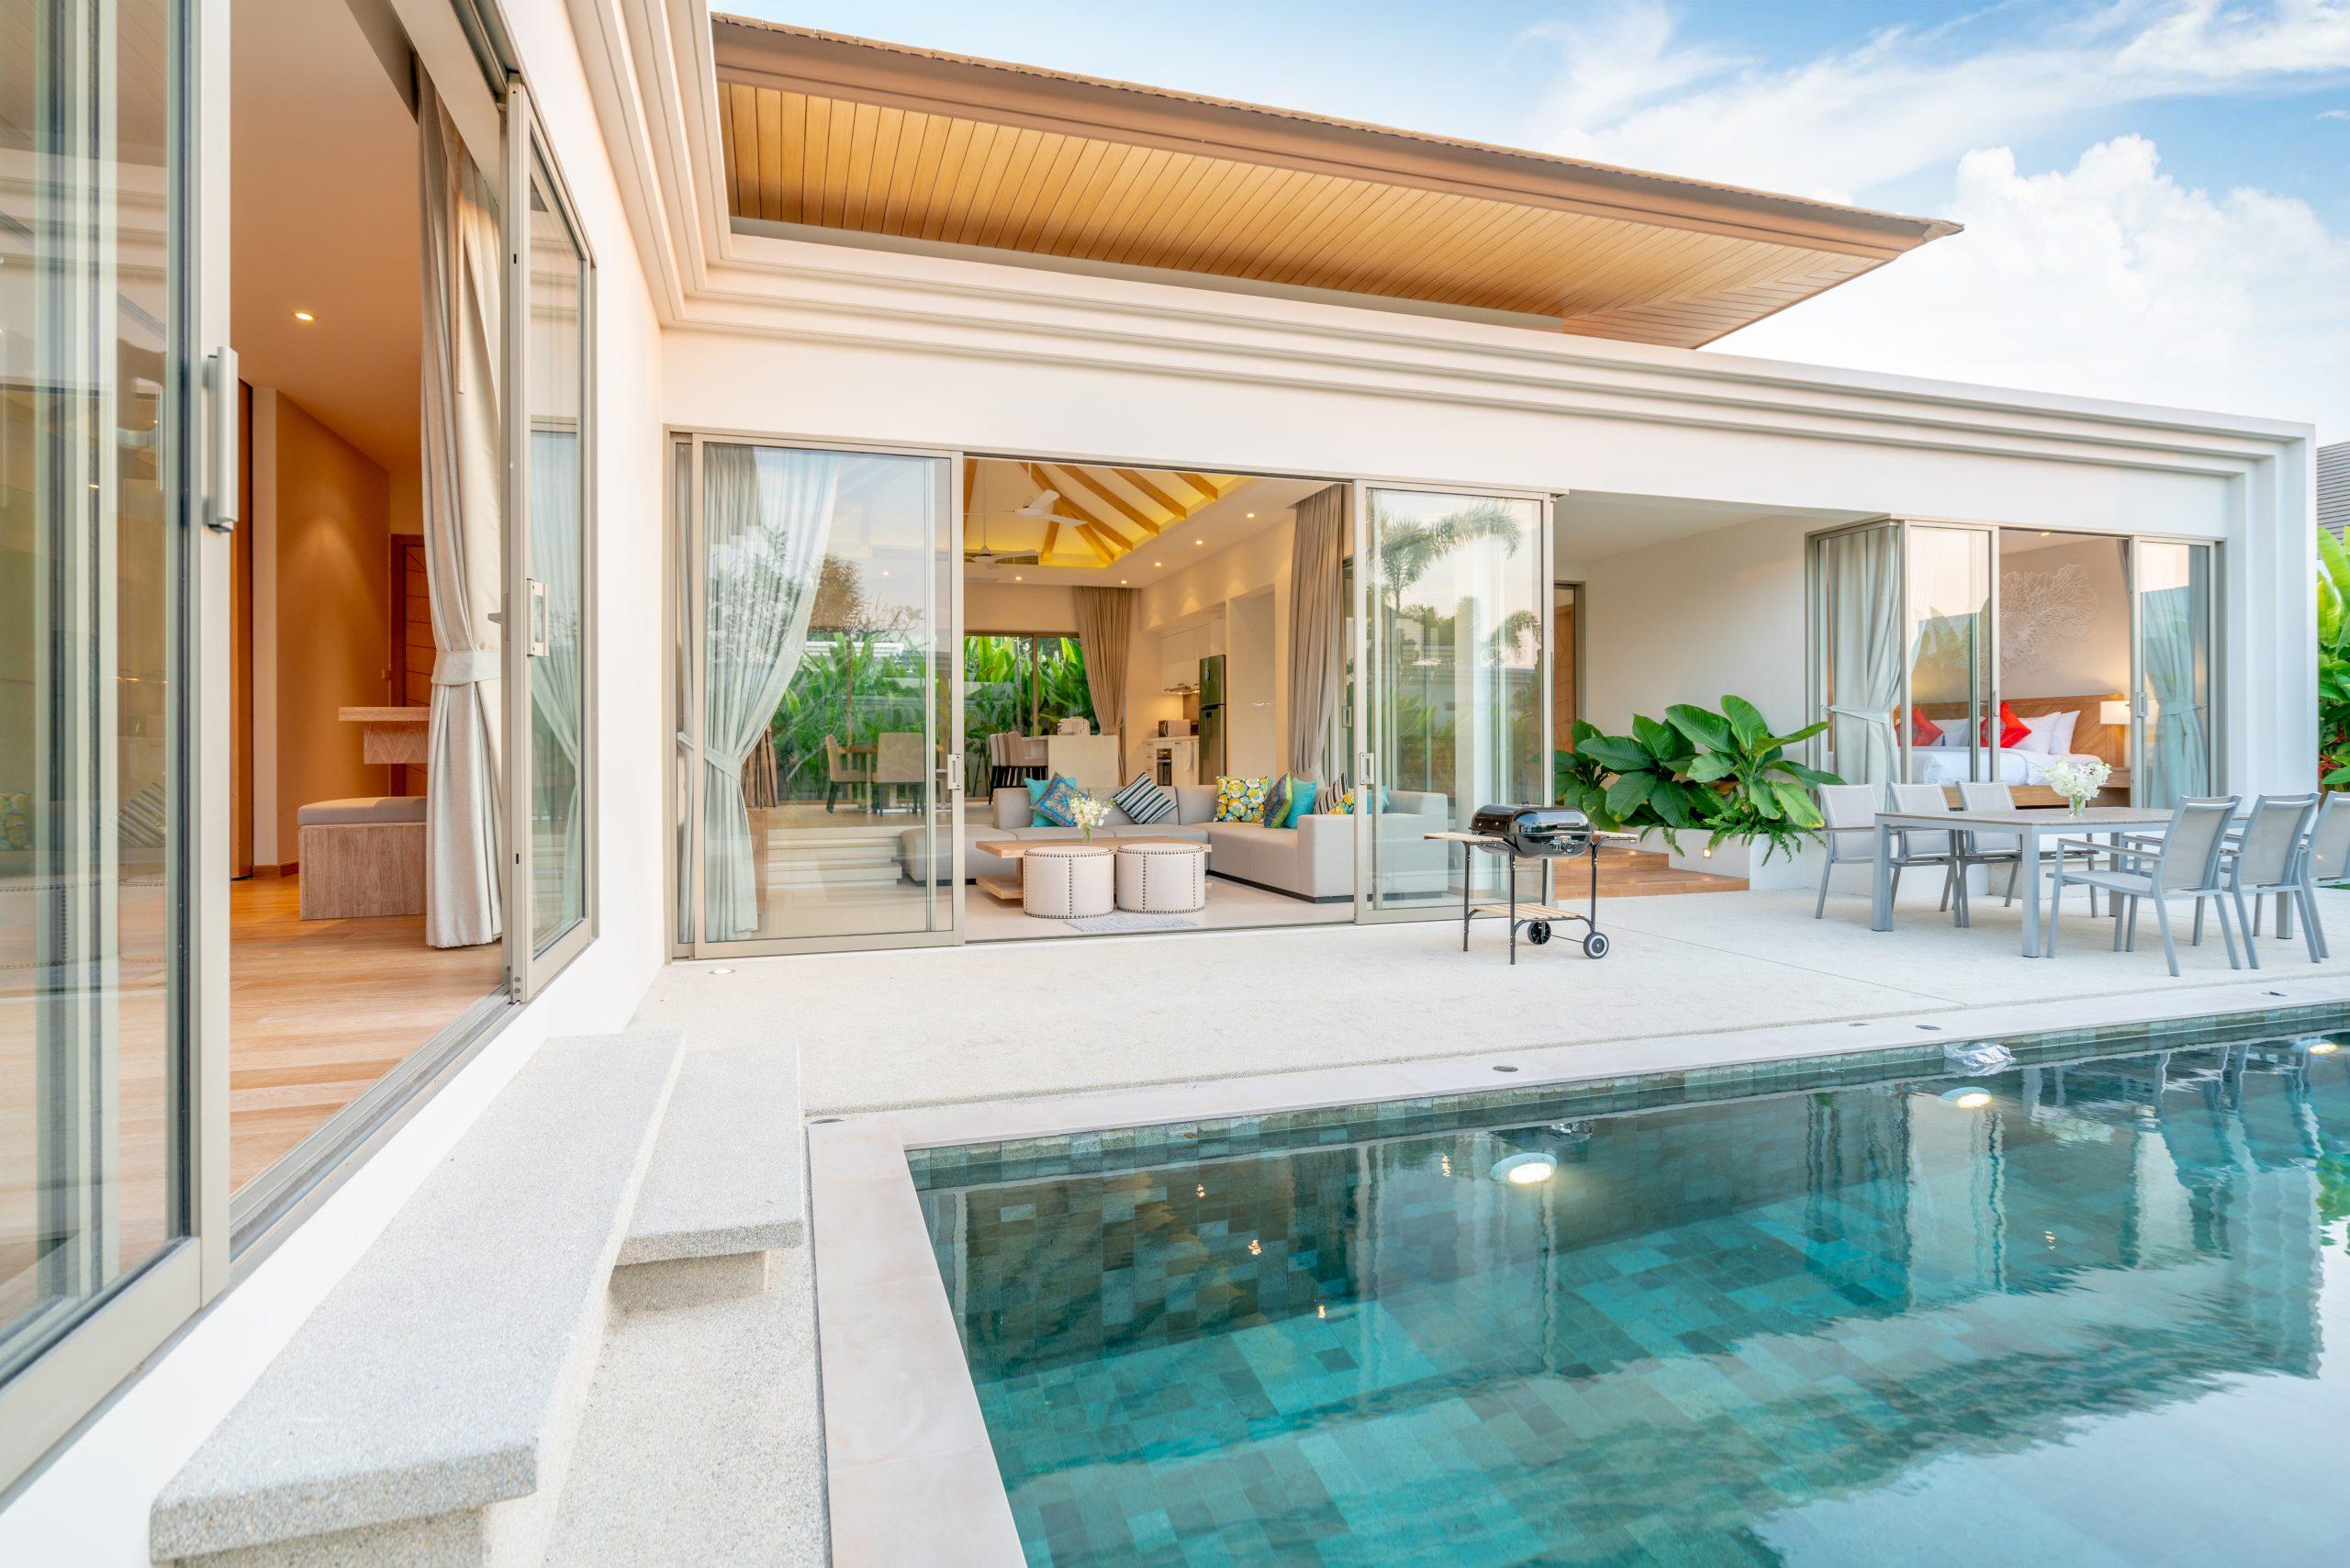 Idyllia-gestione-case-vacanze-affitti-brevi-magazine-villa-lusso-affitto-vacanze-sardegna